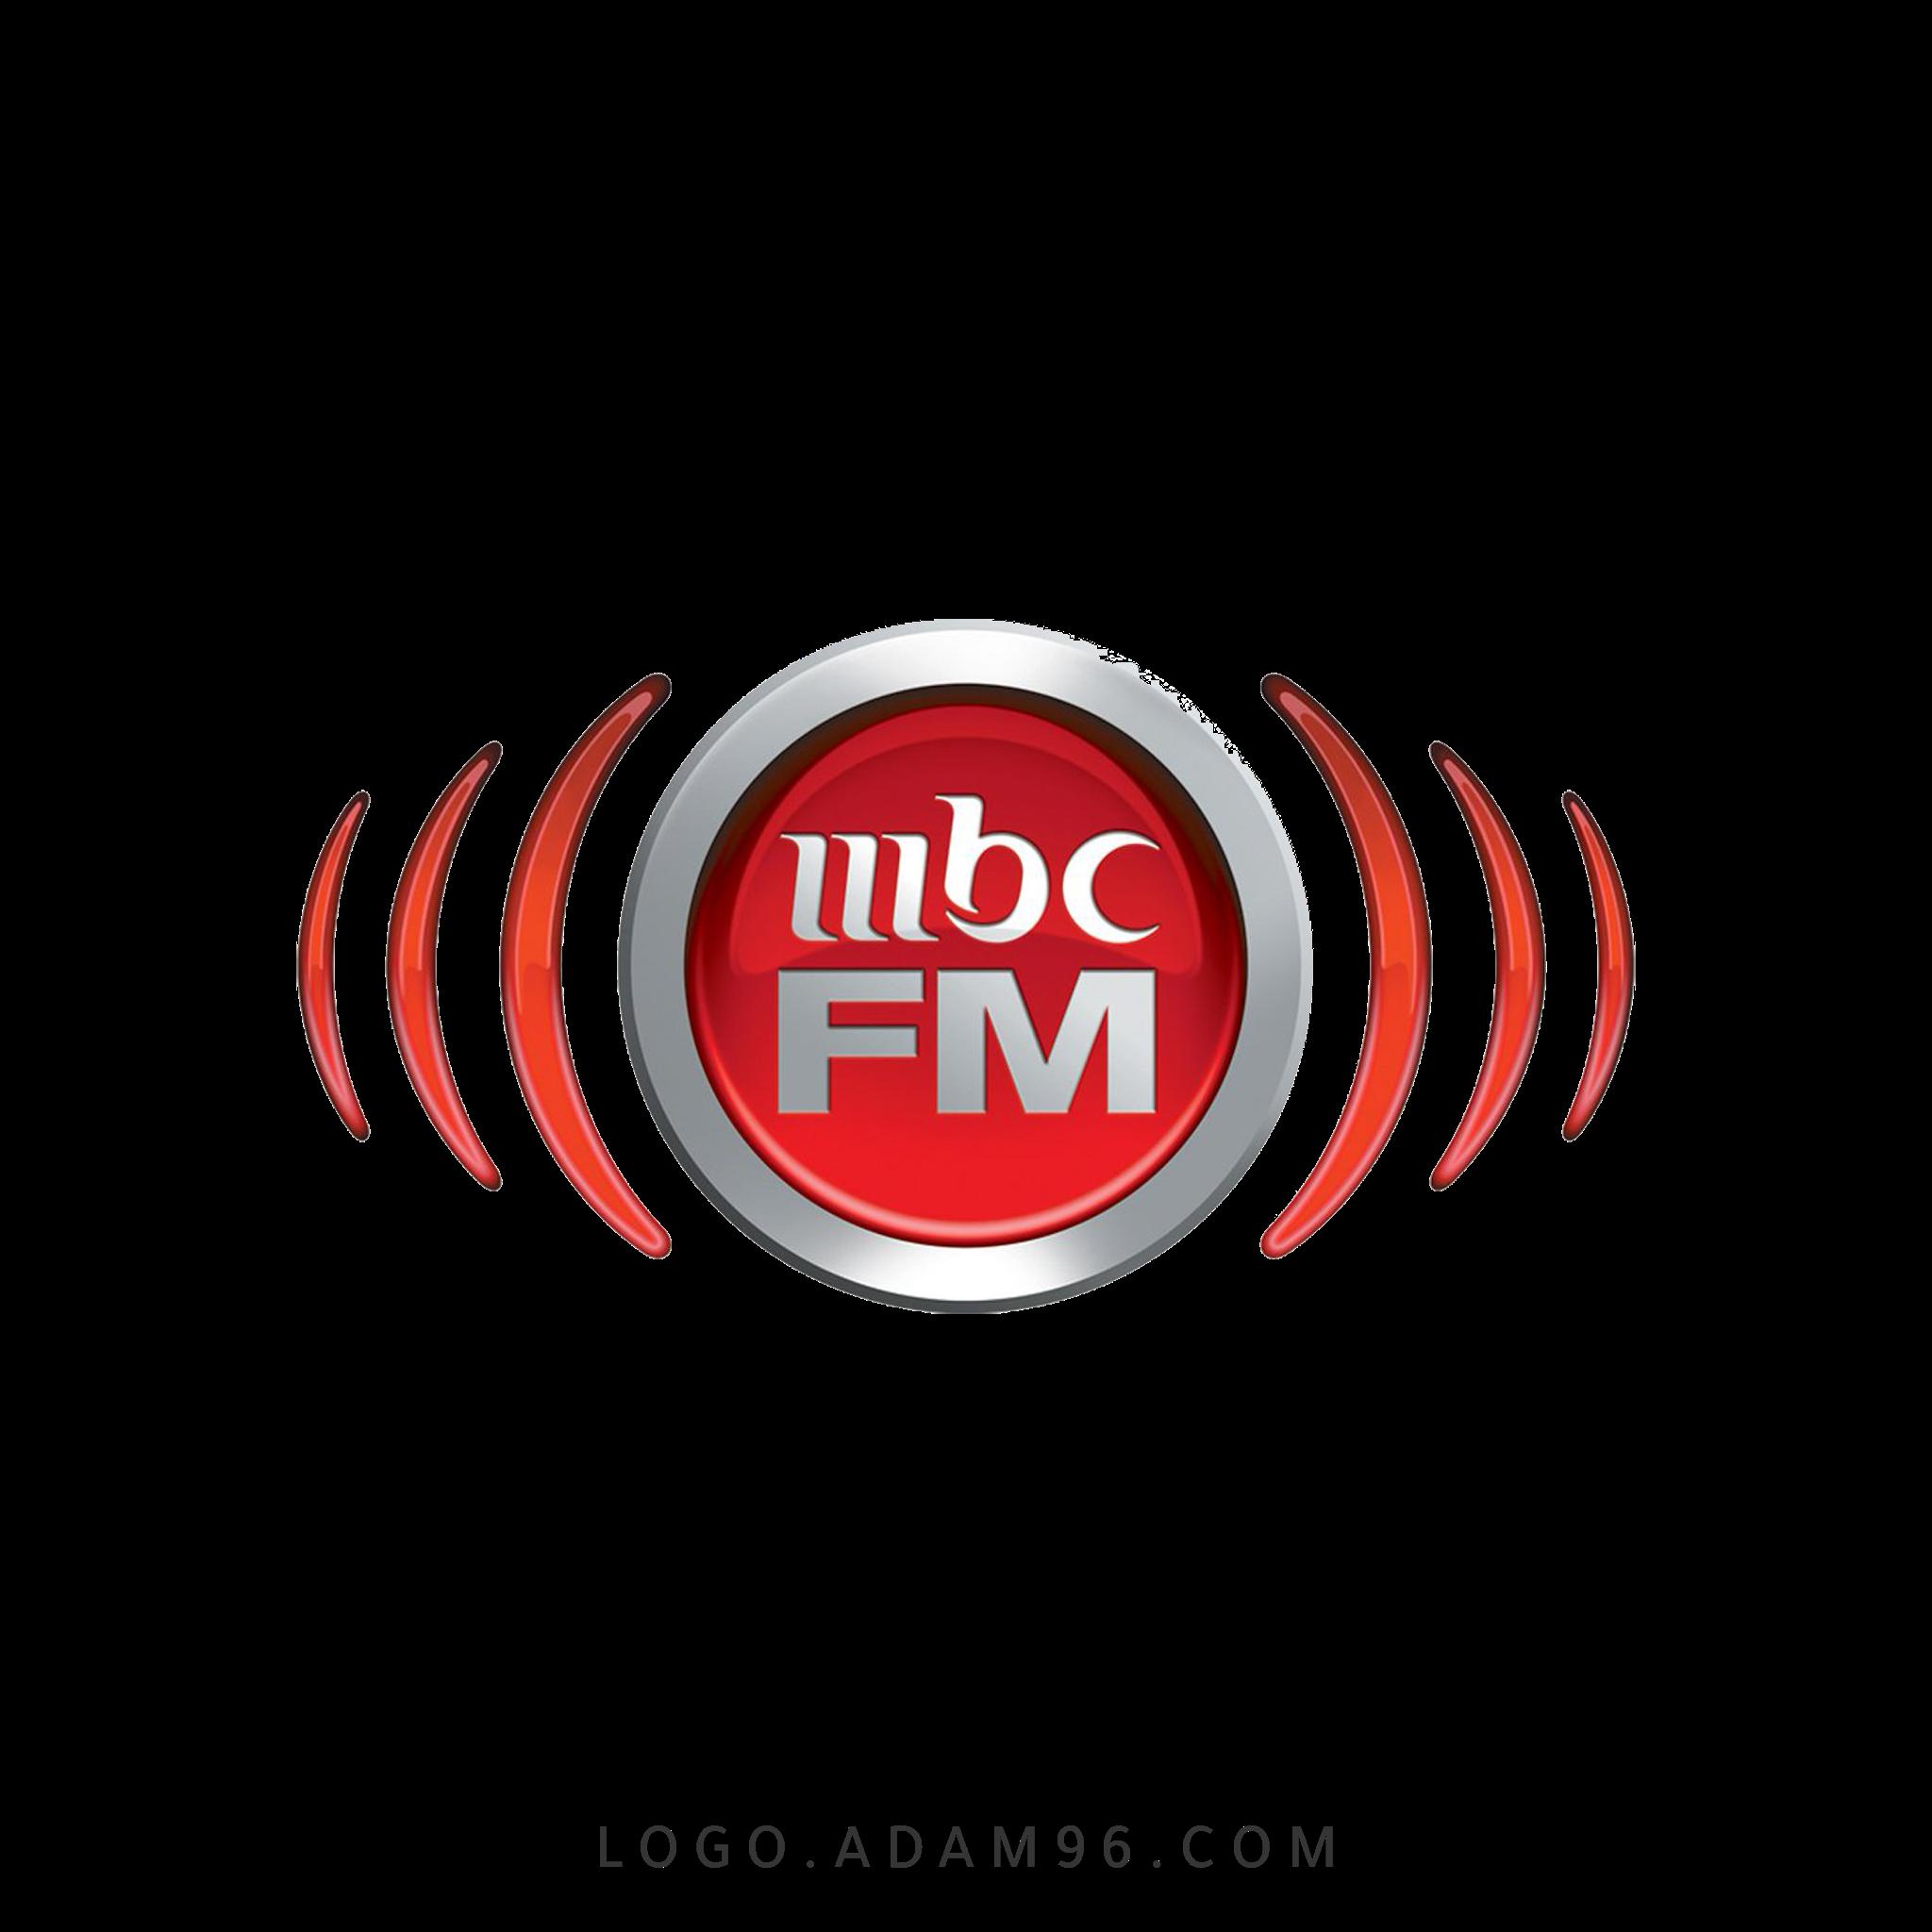 تحميل شعار قناة ام بي سي اف ام لوجو بدون خلفية Logo MBC FM PNG